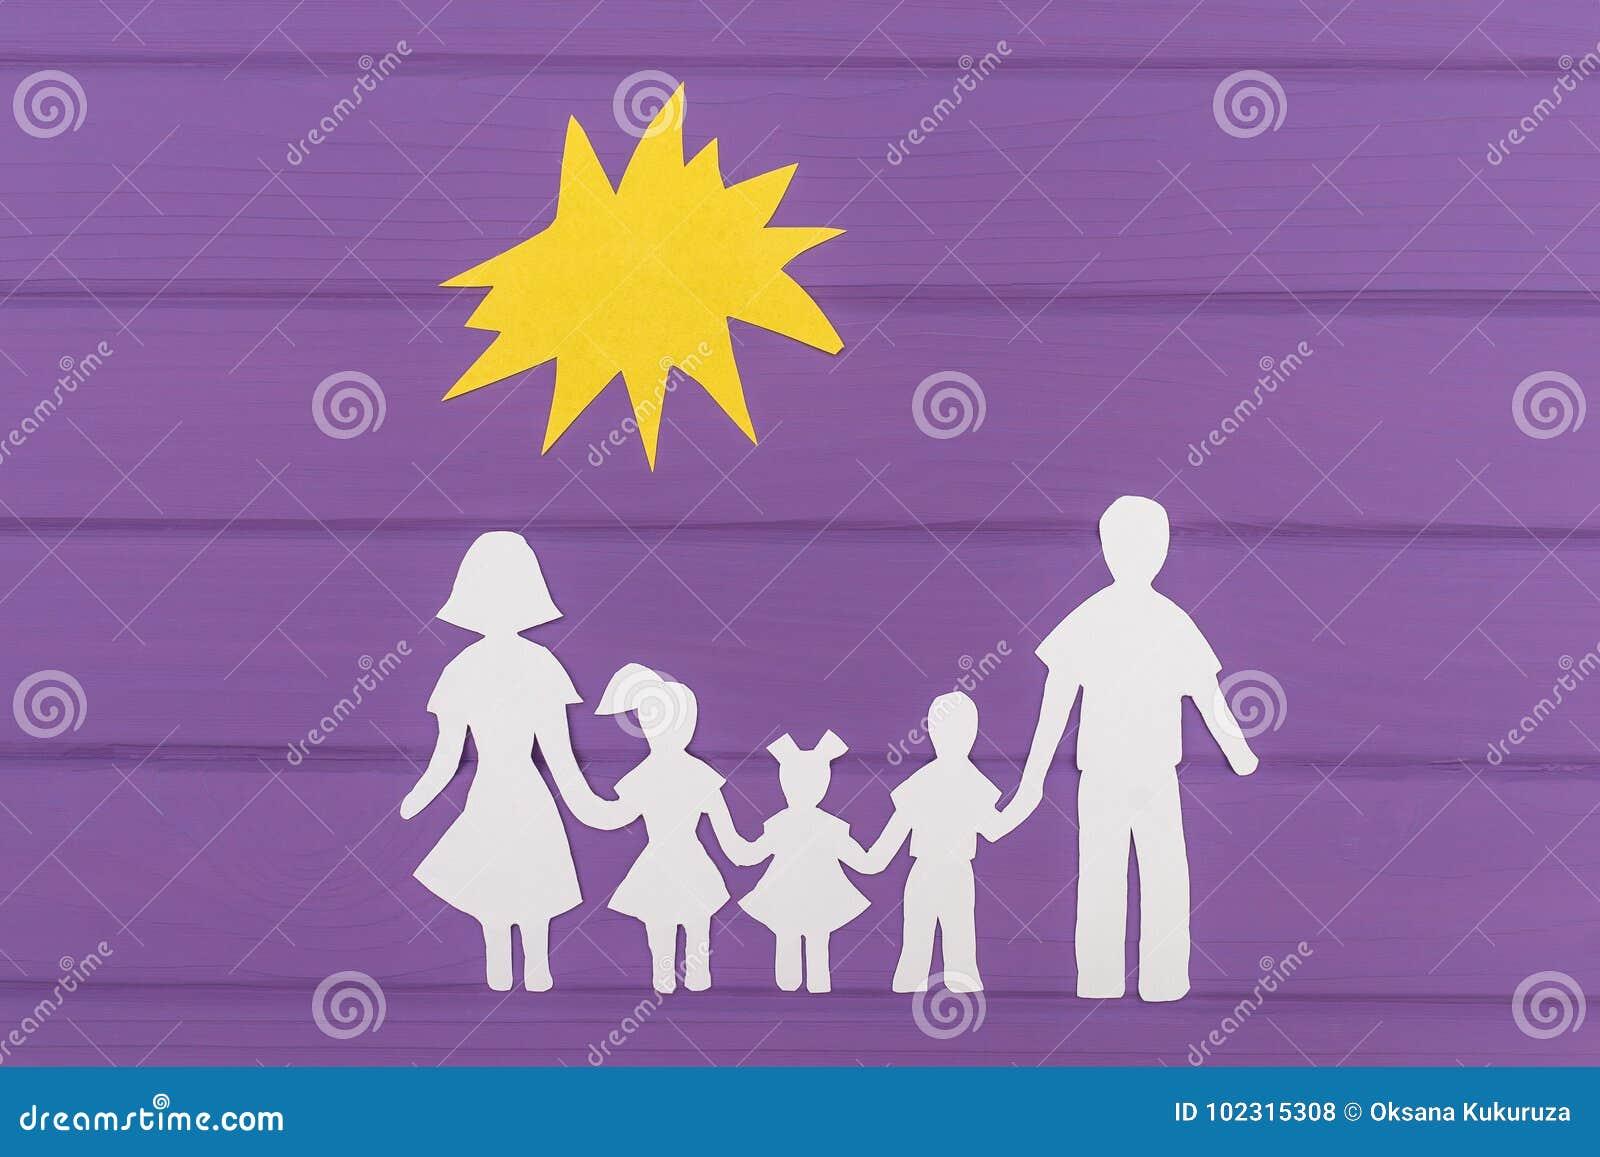 эти оттенки картинка с изображением всей семьи для вырезания ваша